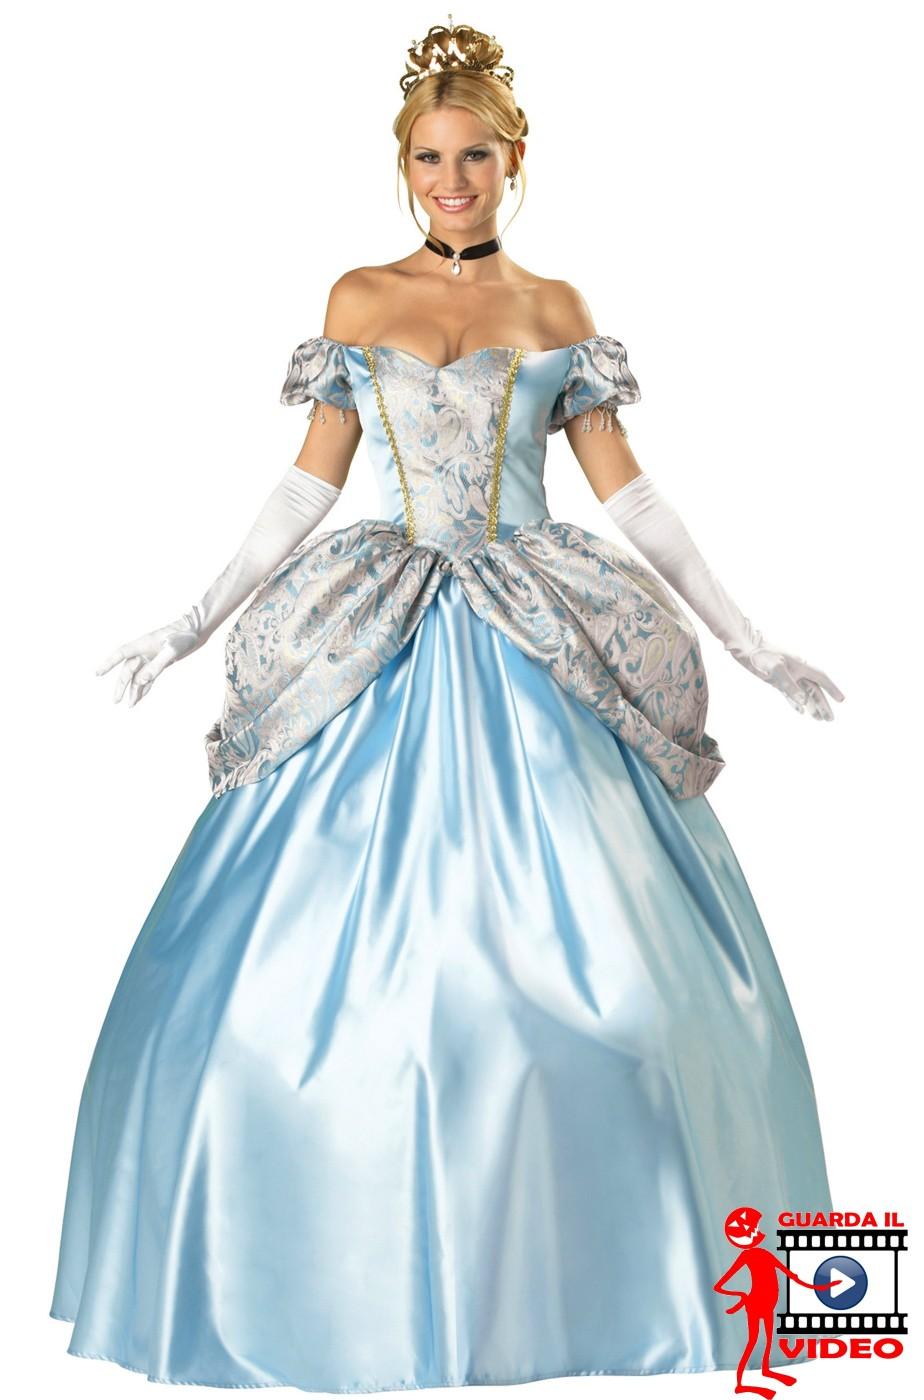 Abito  Principessa Azzurra. Meraviglioso e fiabesco.